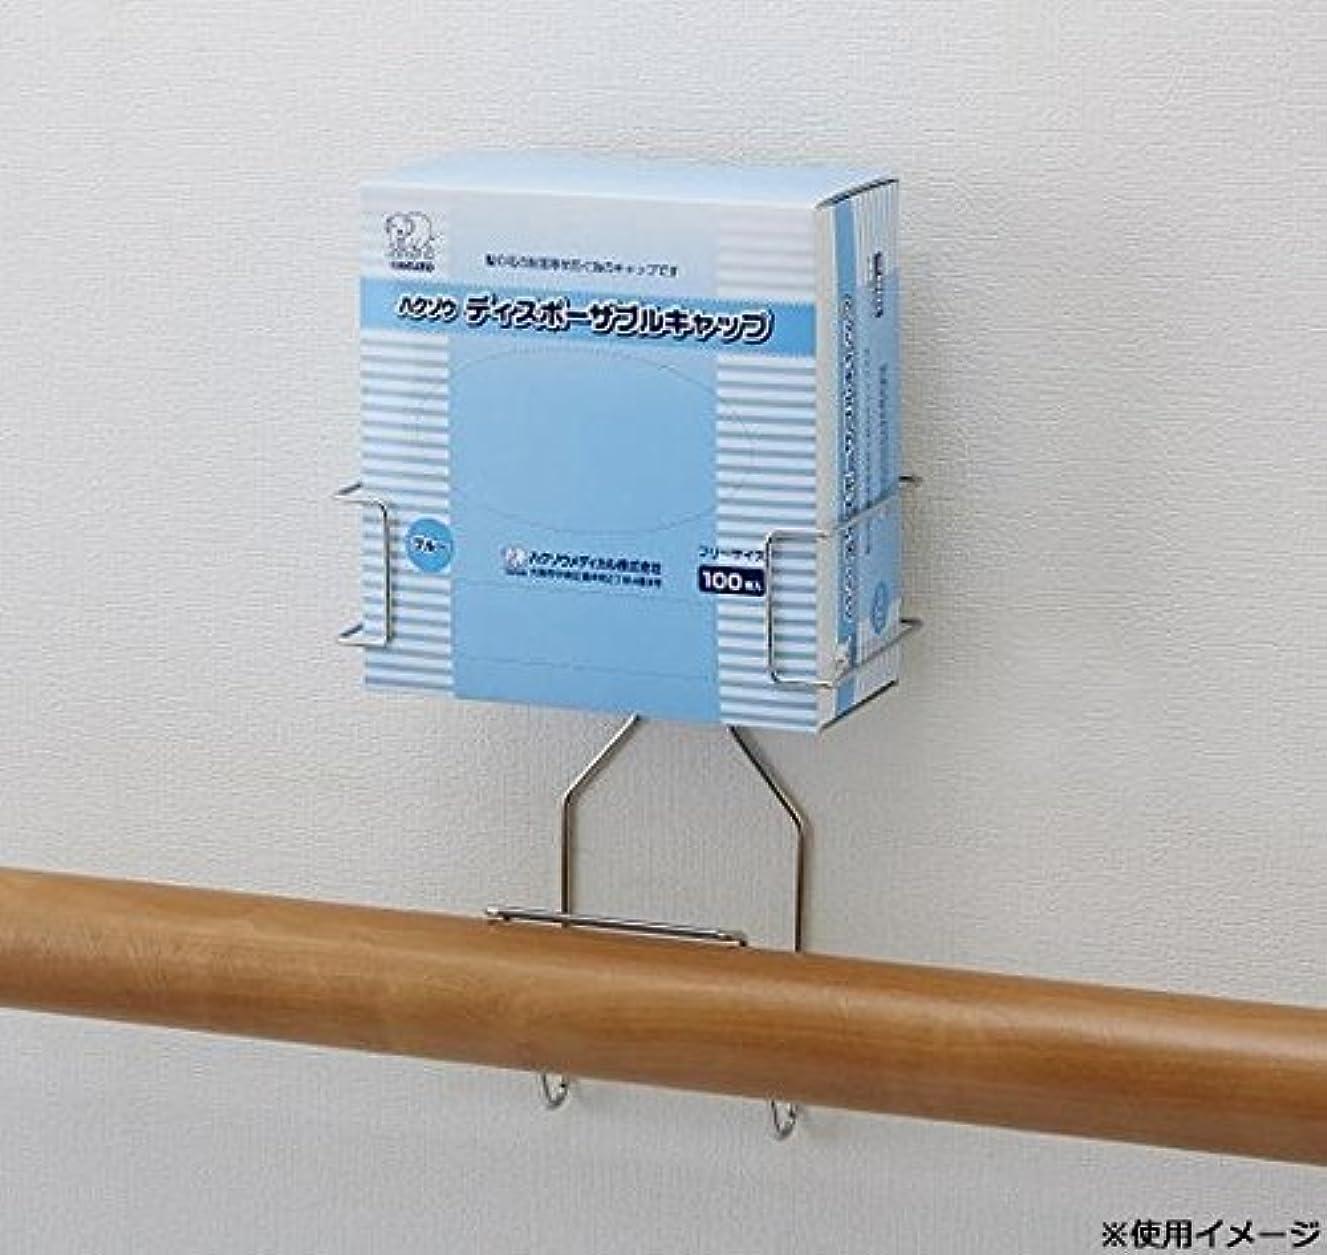 音声学滝地平線ハクゾウメディカル PPE製品用ホルダーSE(手すり用タイプ) エプロン?グローブタイプ 3904992